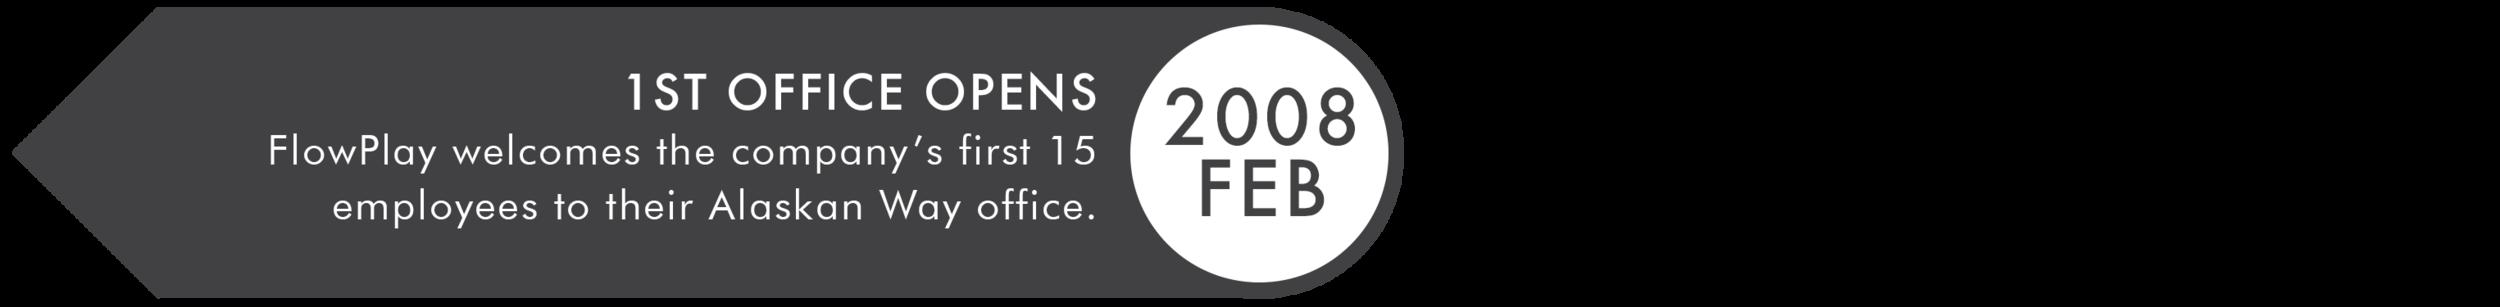 FlowPlay-Timeline-08Feb.png